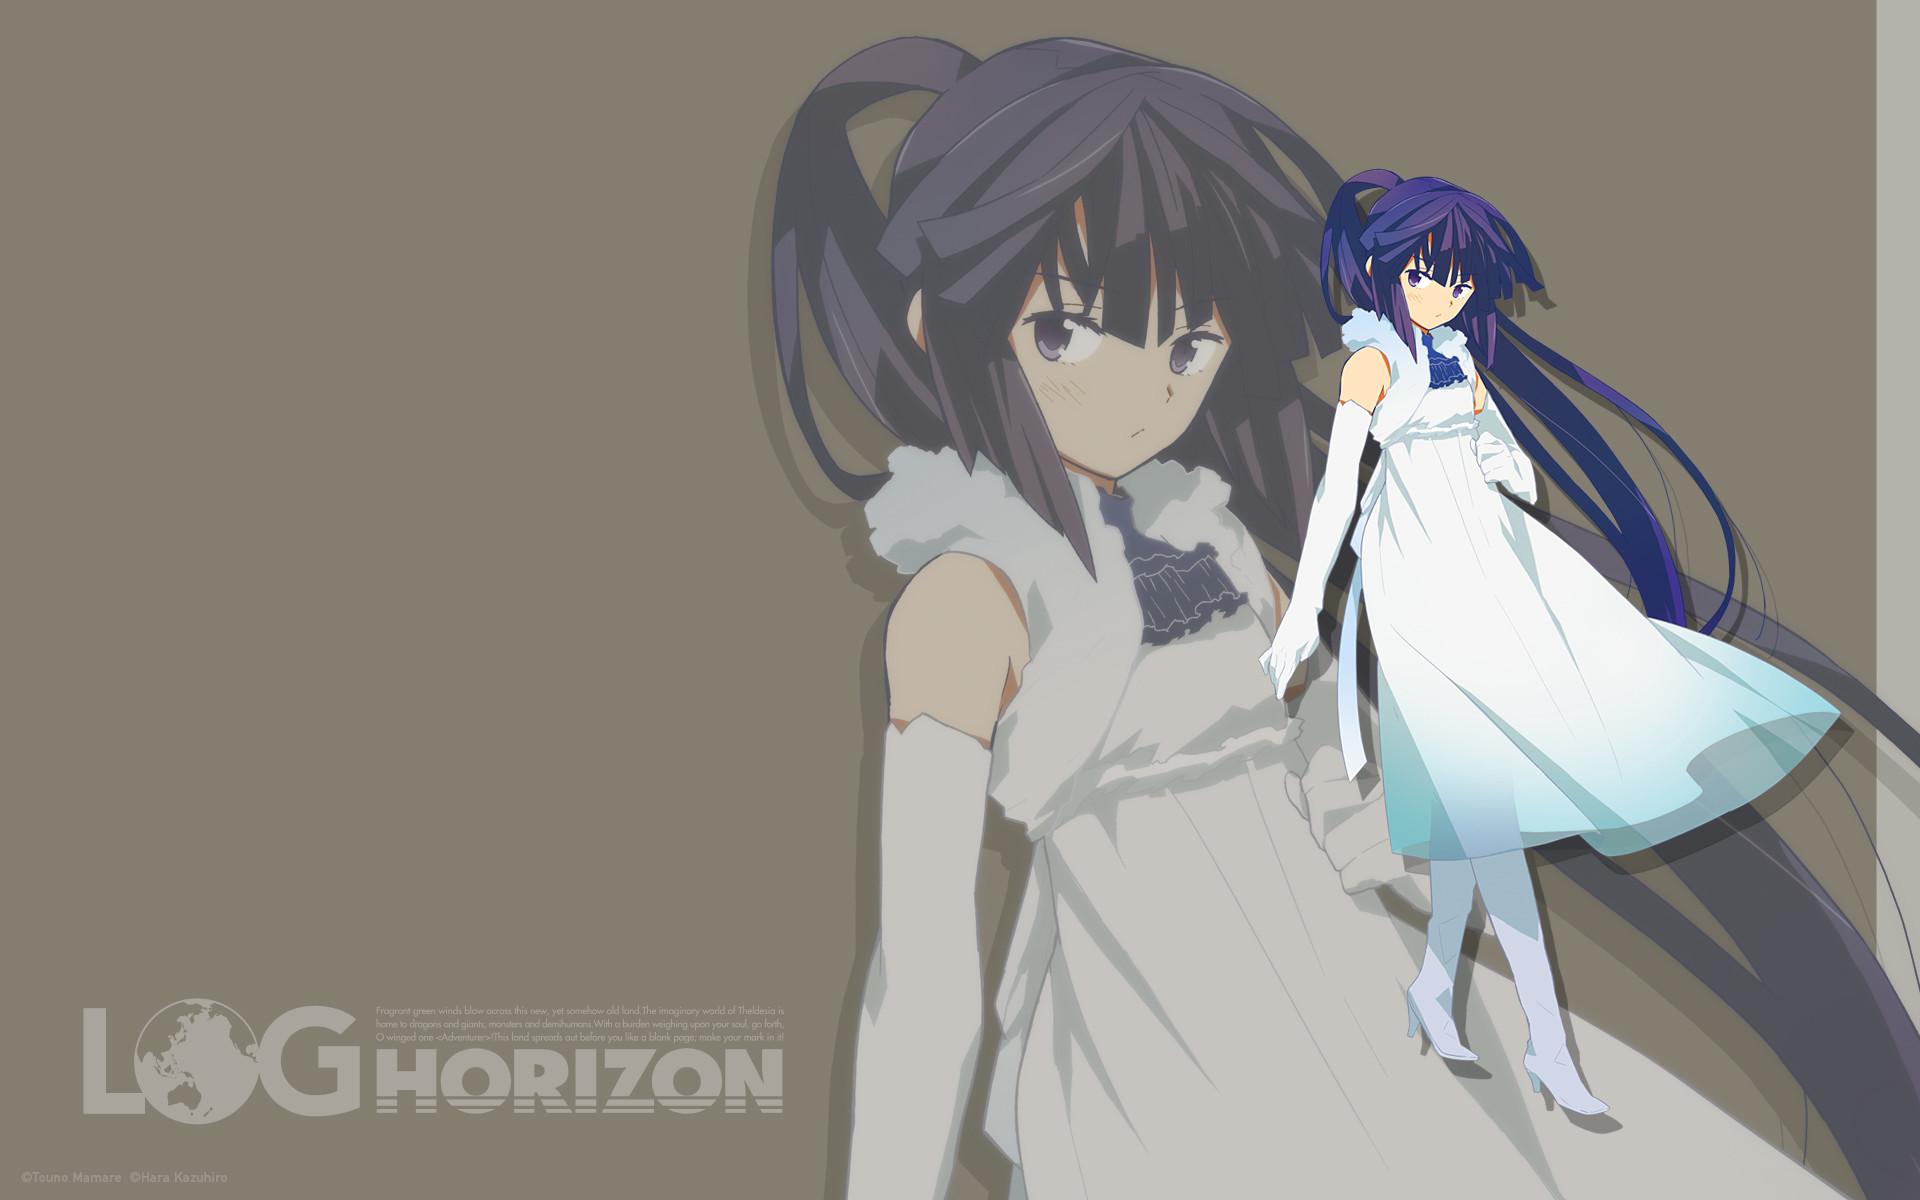 Akatsuki (Log Horizon) · download Akatsuki (Log Horizon) image